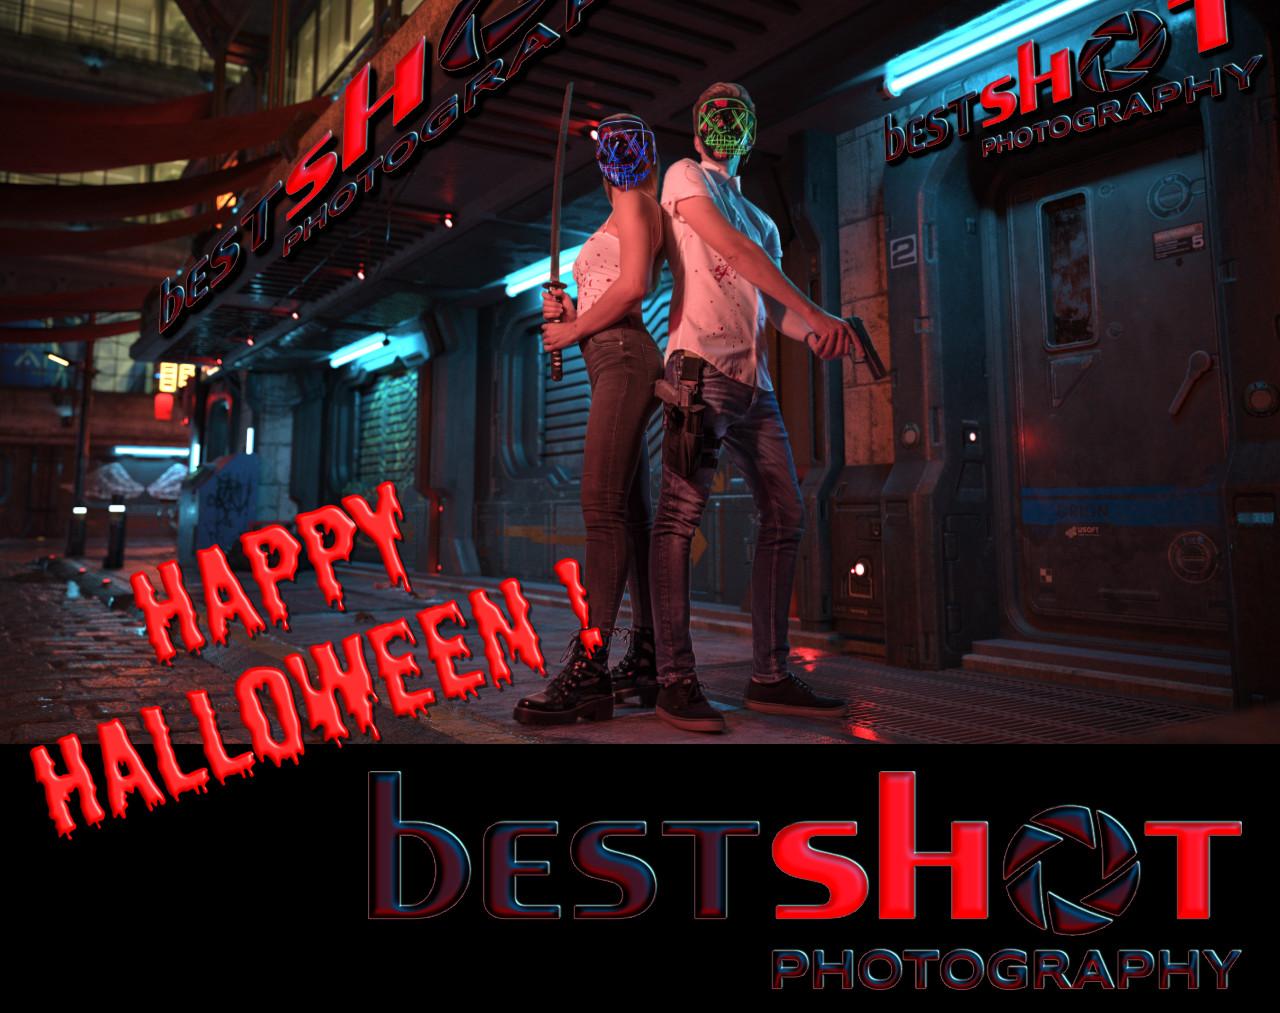 helloween composing bestshotphotography